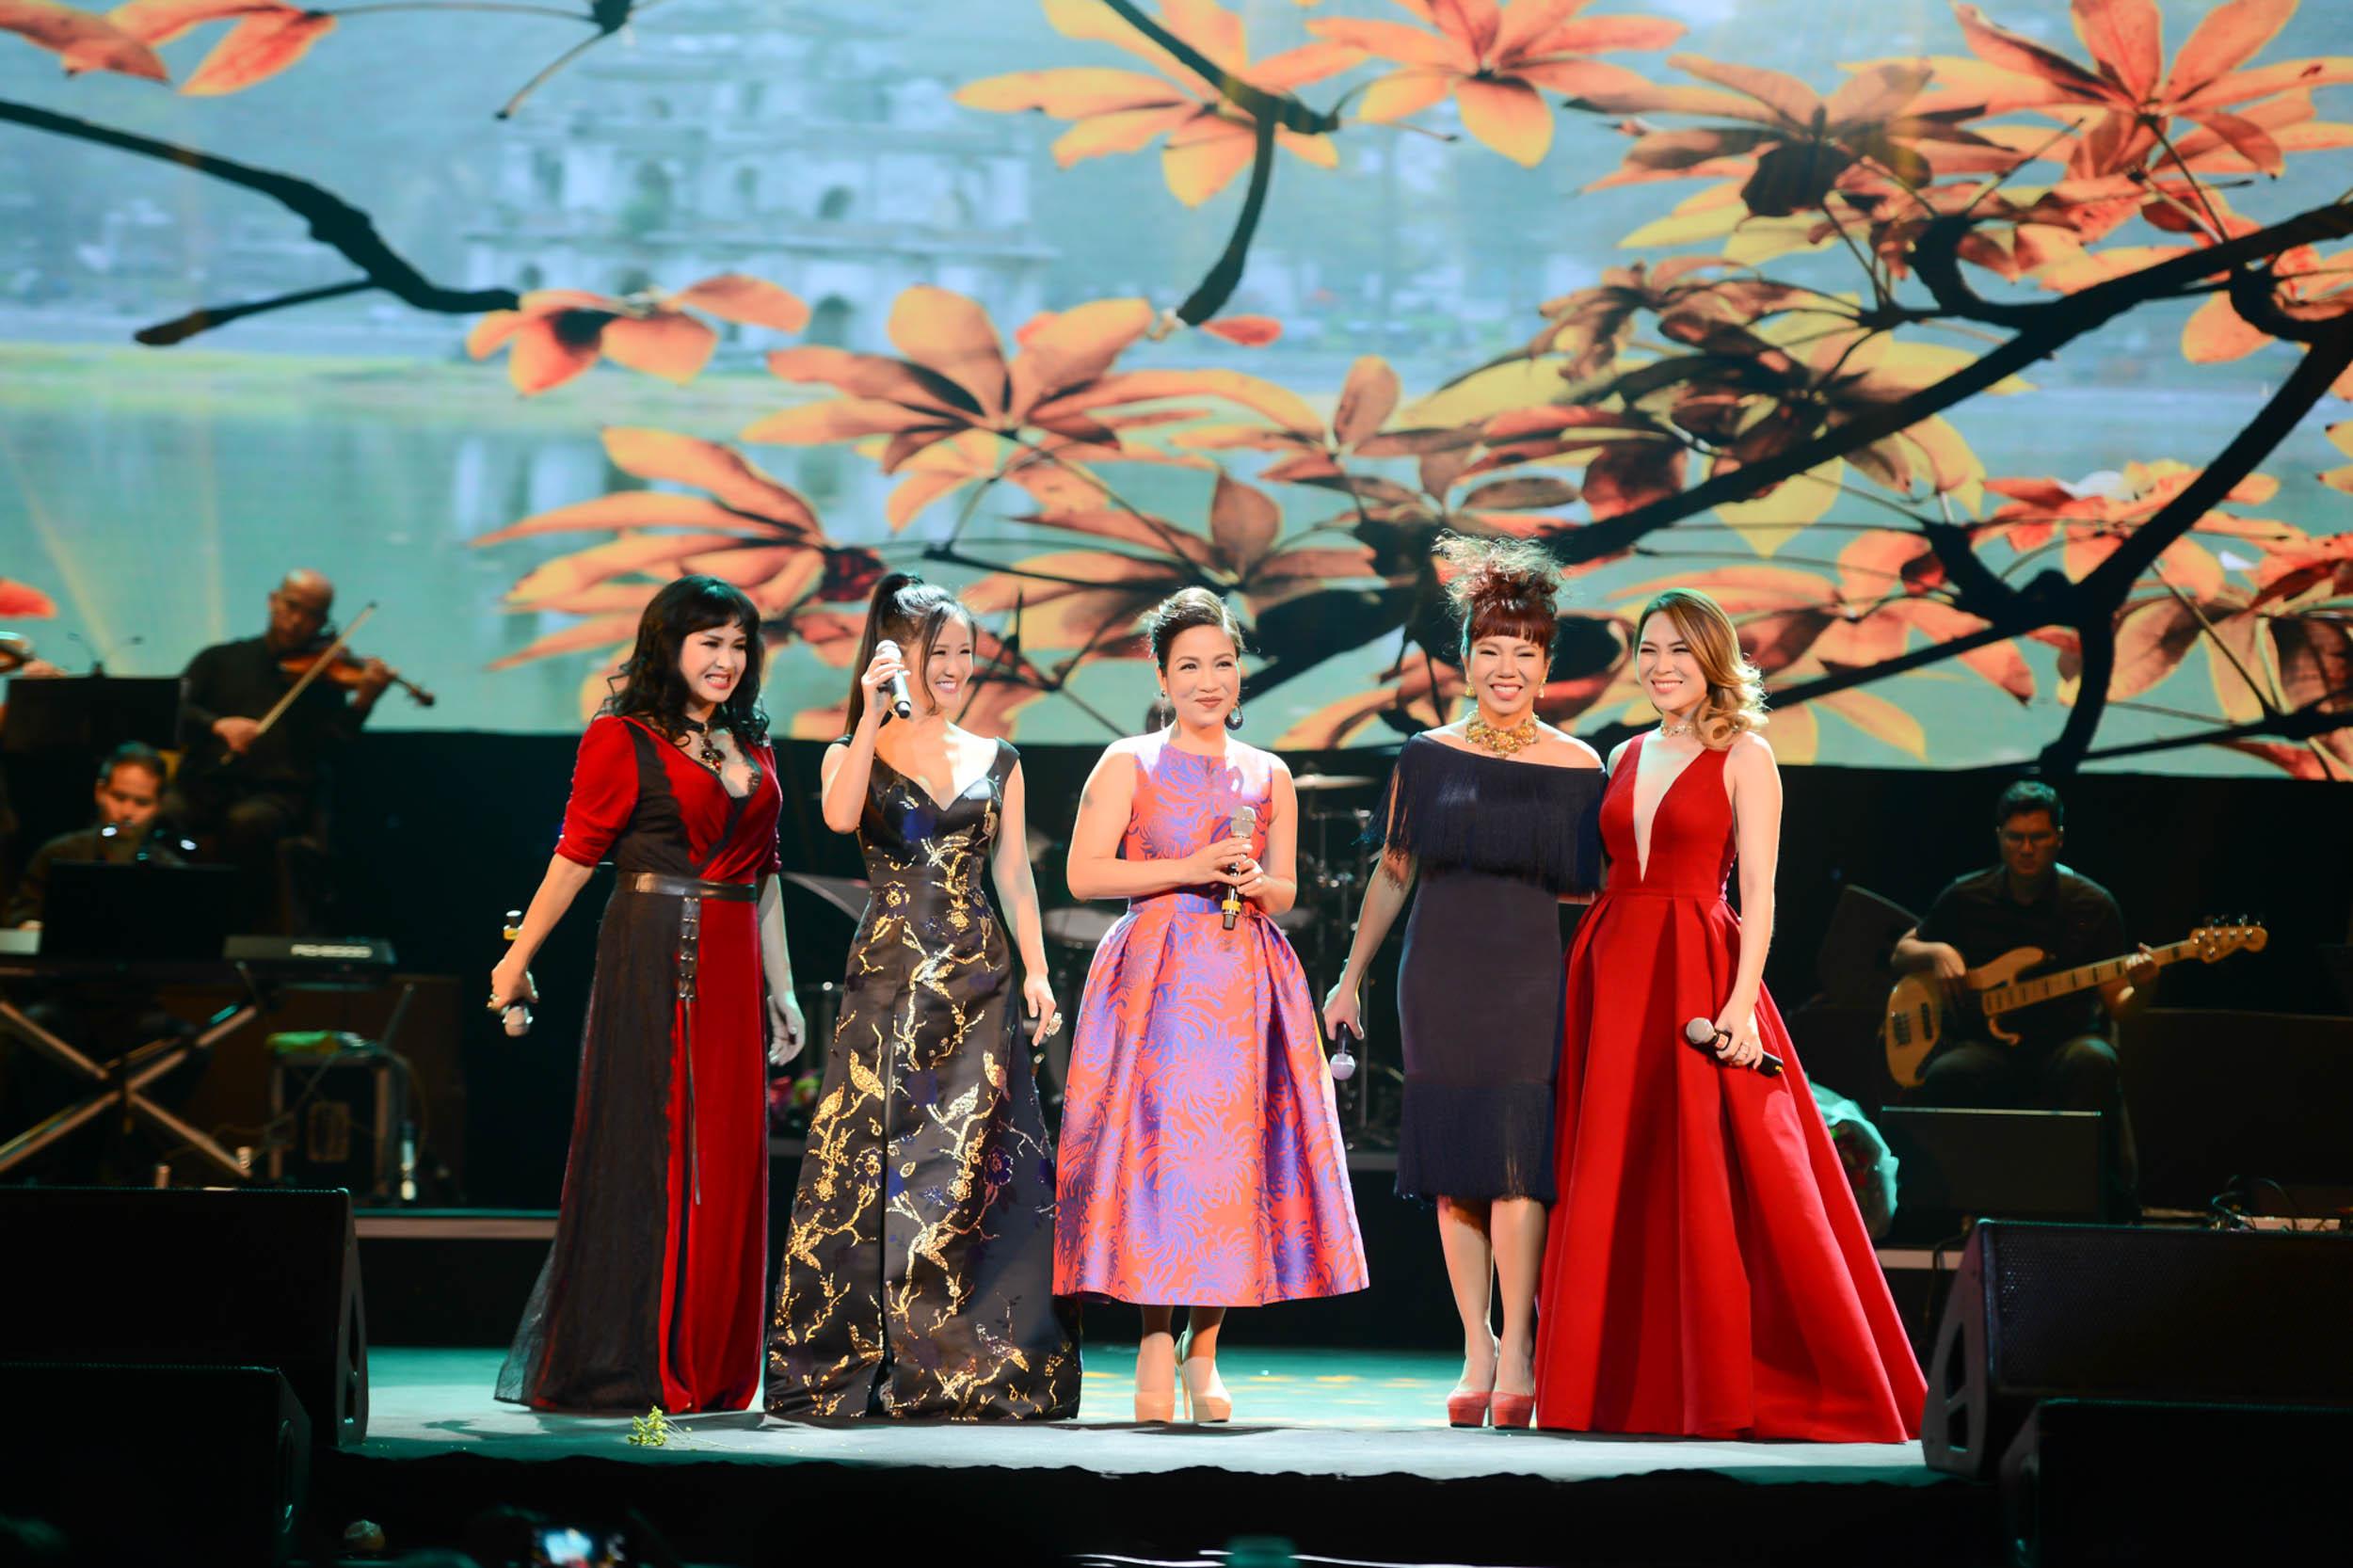 Không cần danh hiệu, Mỹ Tâm vẫn ung dung tỏa sáng cùng 4 Diva trên sân khấu chung - Ảnh 4.